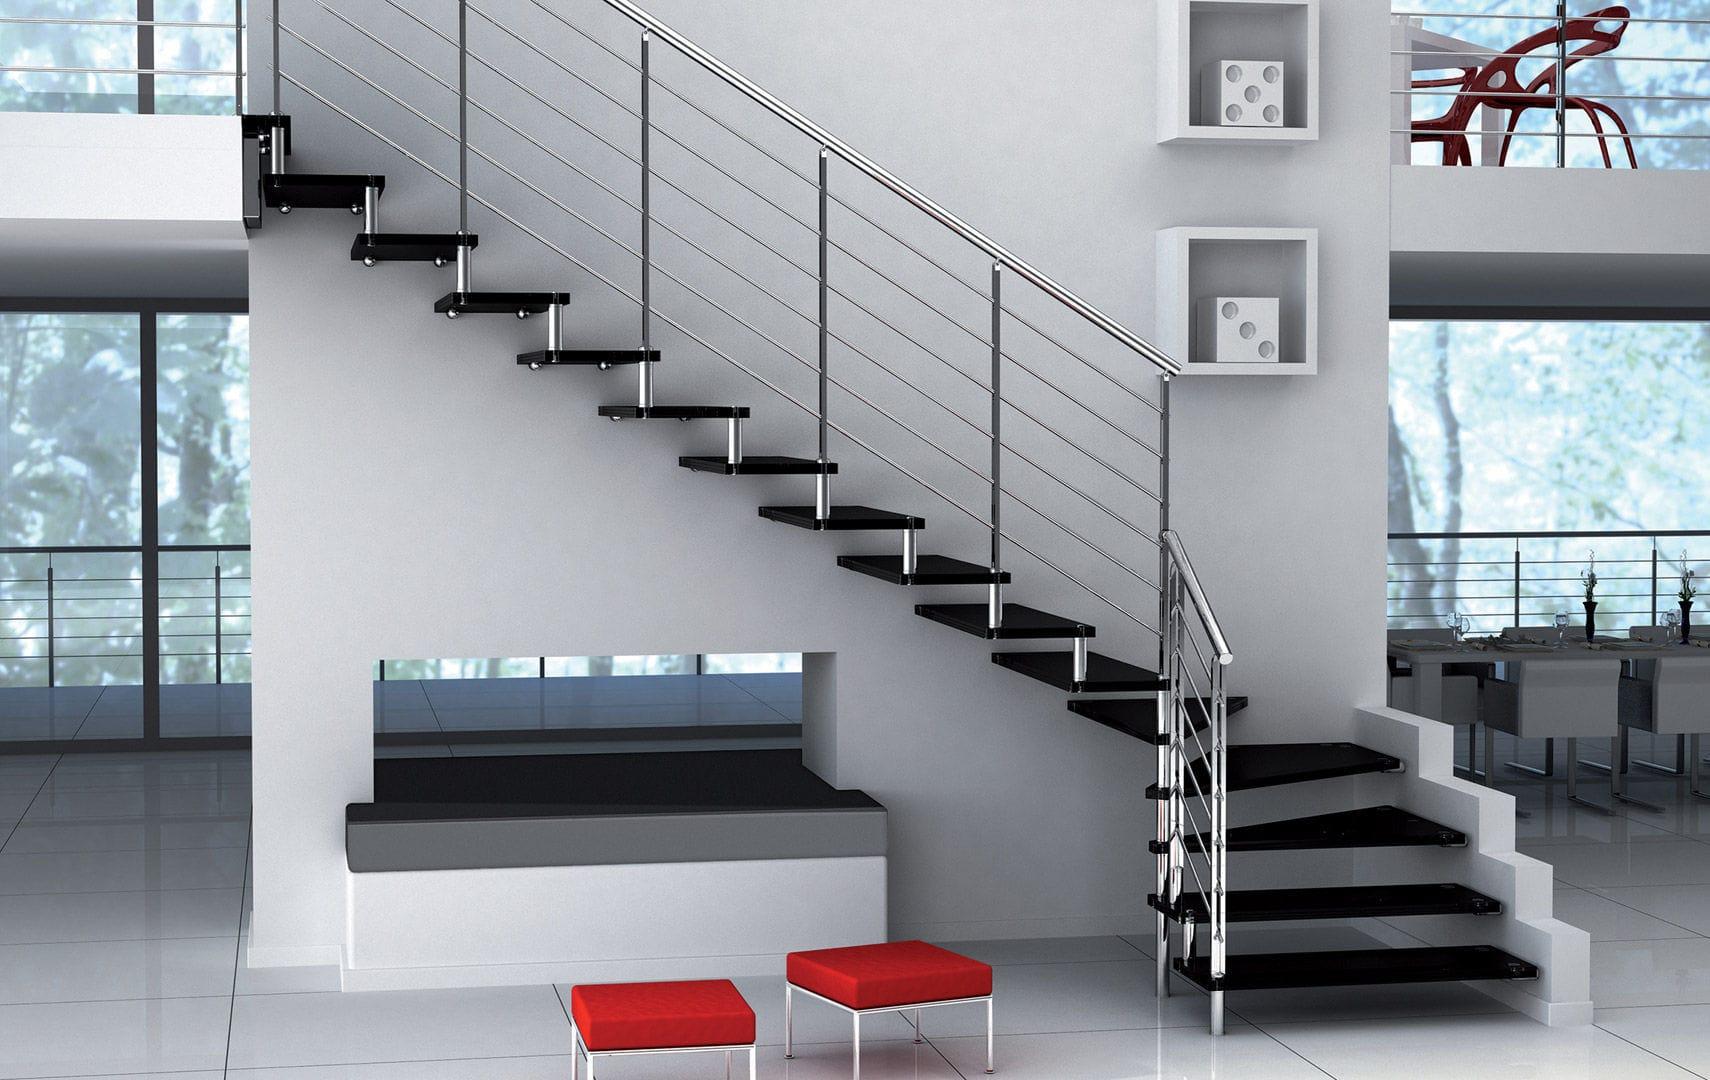 Escalera En L Con Pelda Os De Vidrio Estructura De Metal Sin  ~ Materiales Para Peldaños De Escaleras Interiores